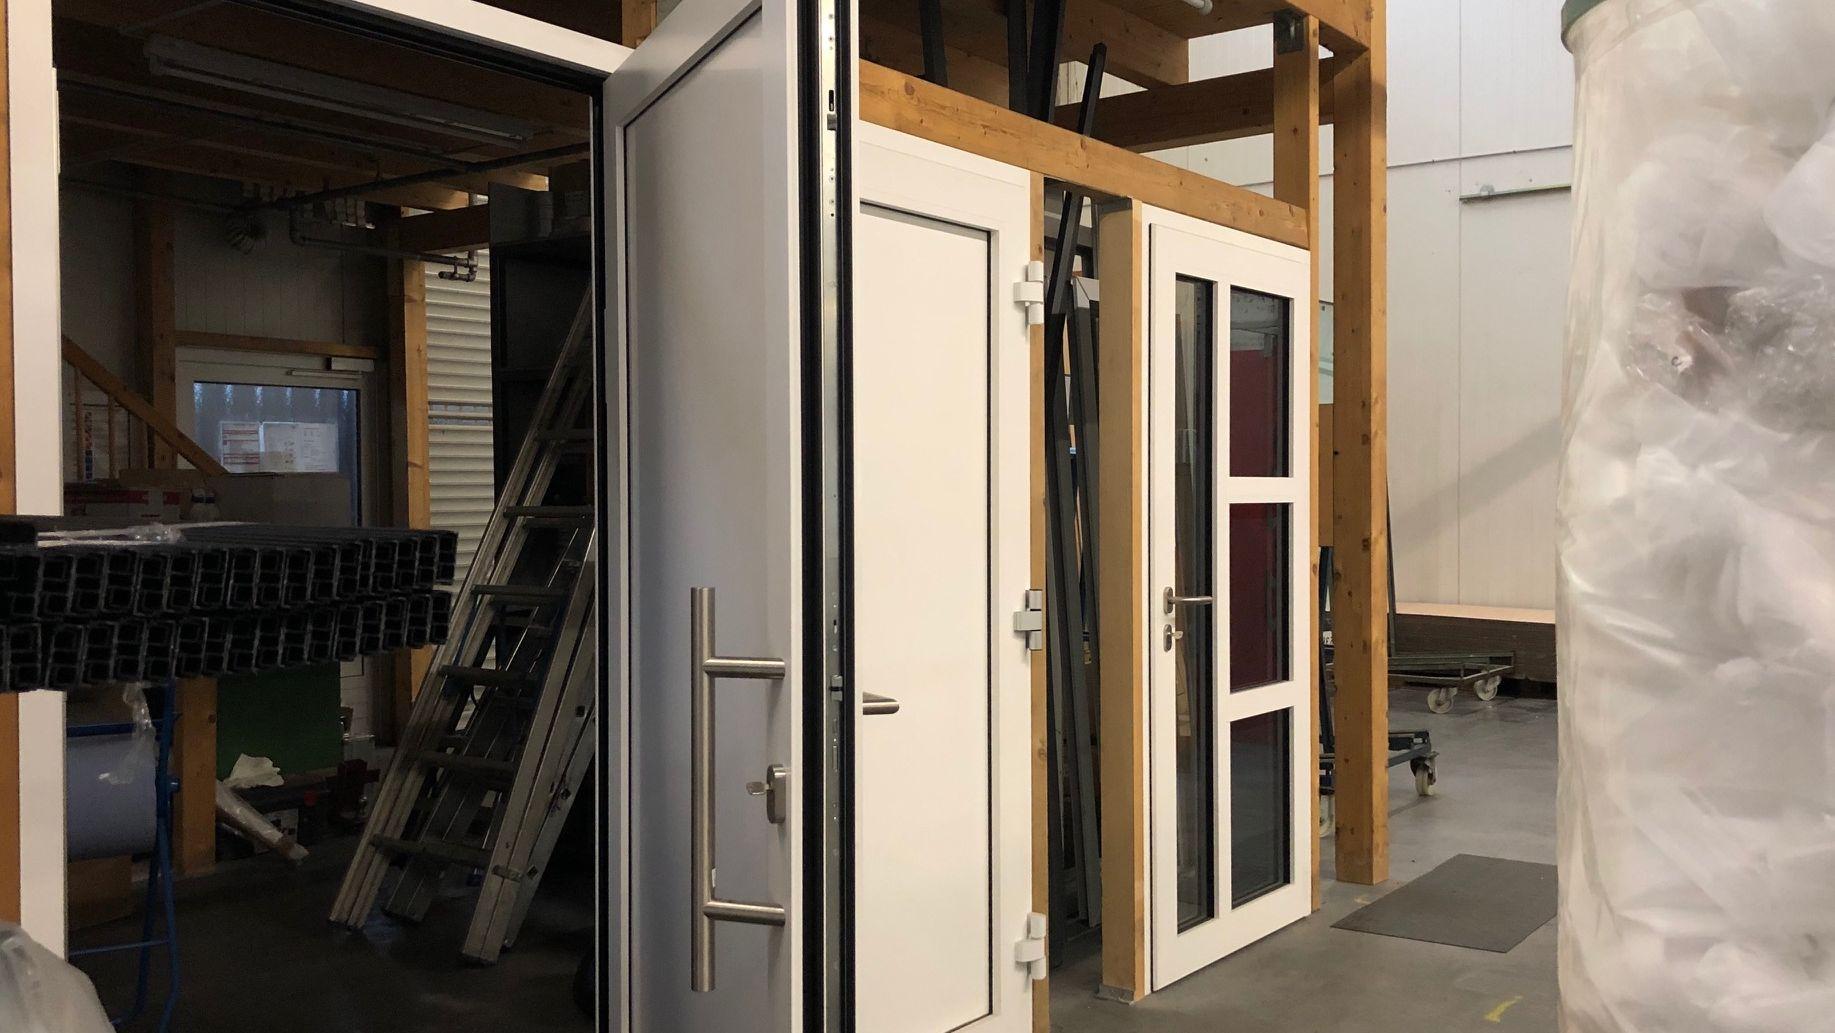 Ein Teil der Hoco Fenster und Haustüren GmbH wurde von einem ehemaligen Mitarbeiter gekauft.